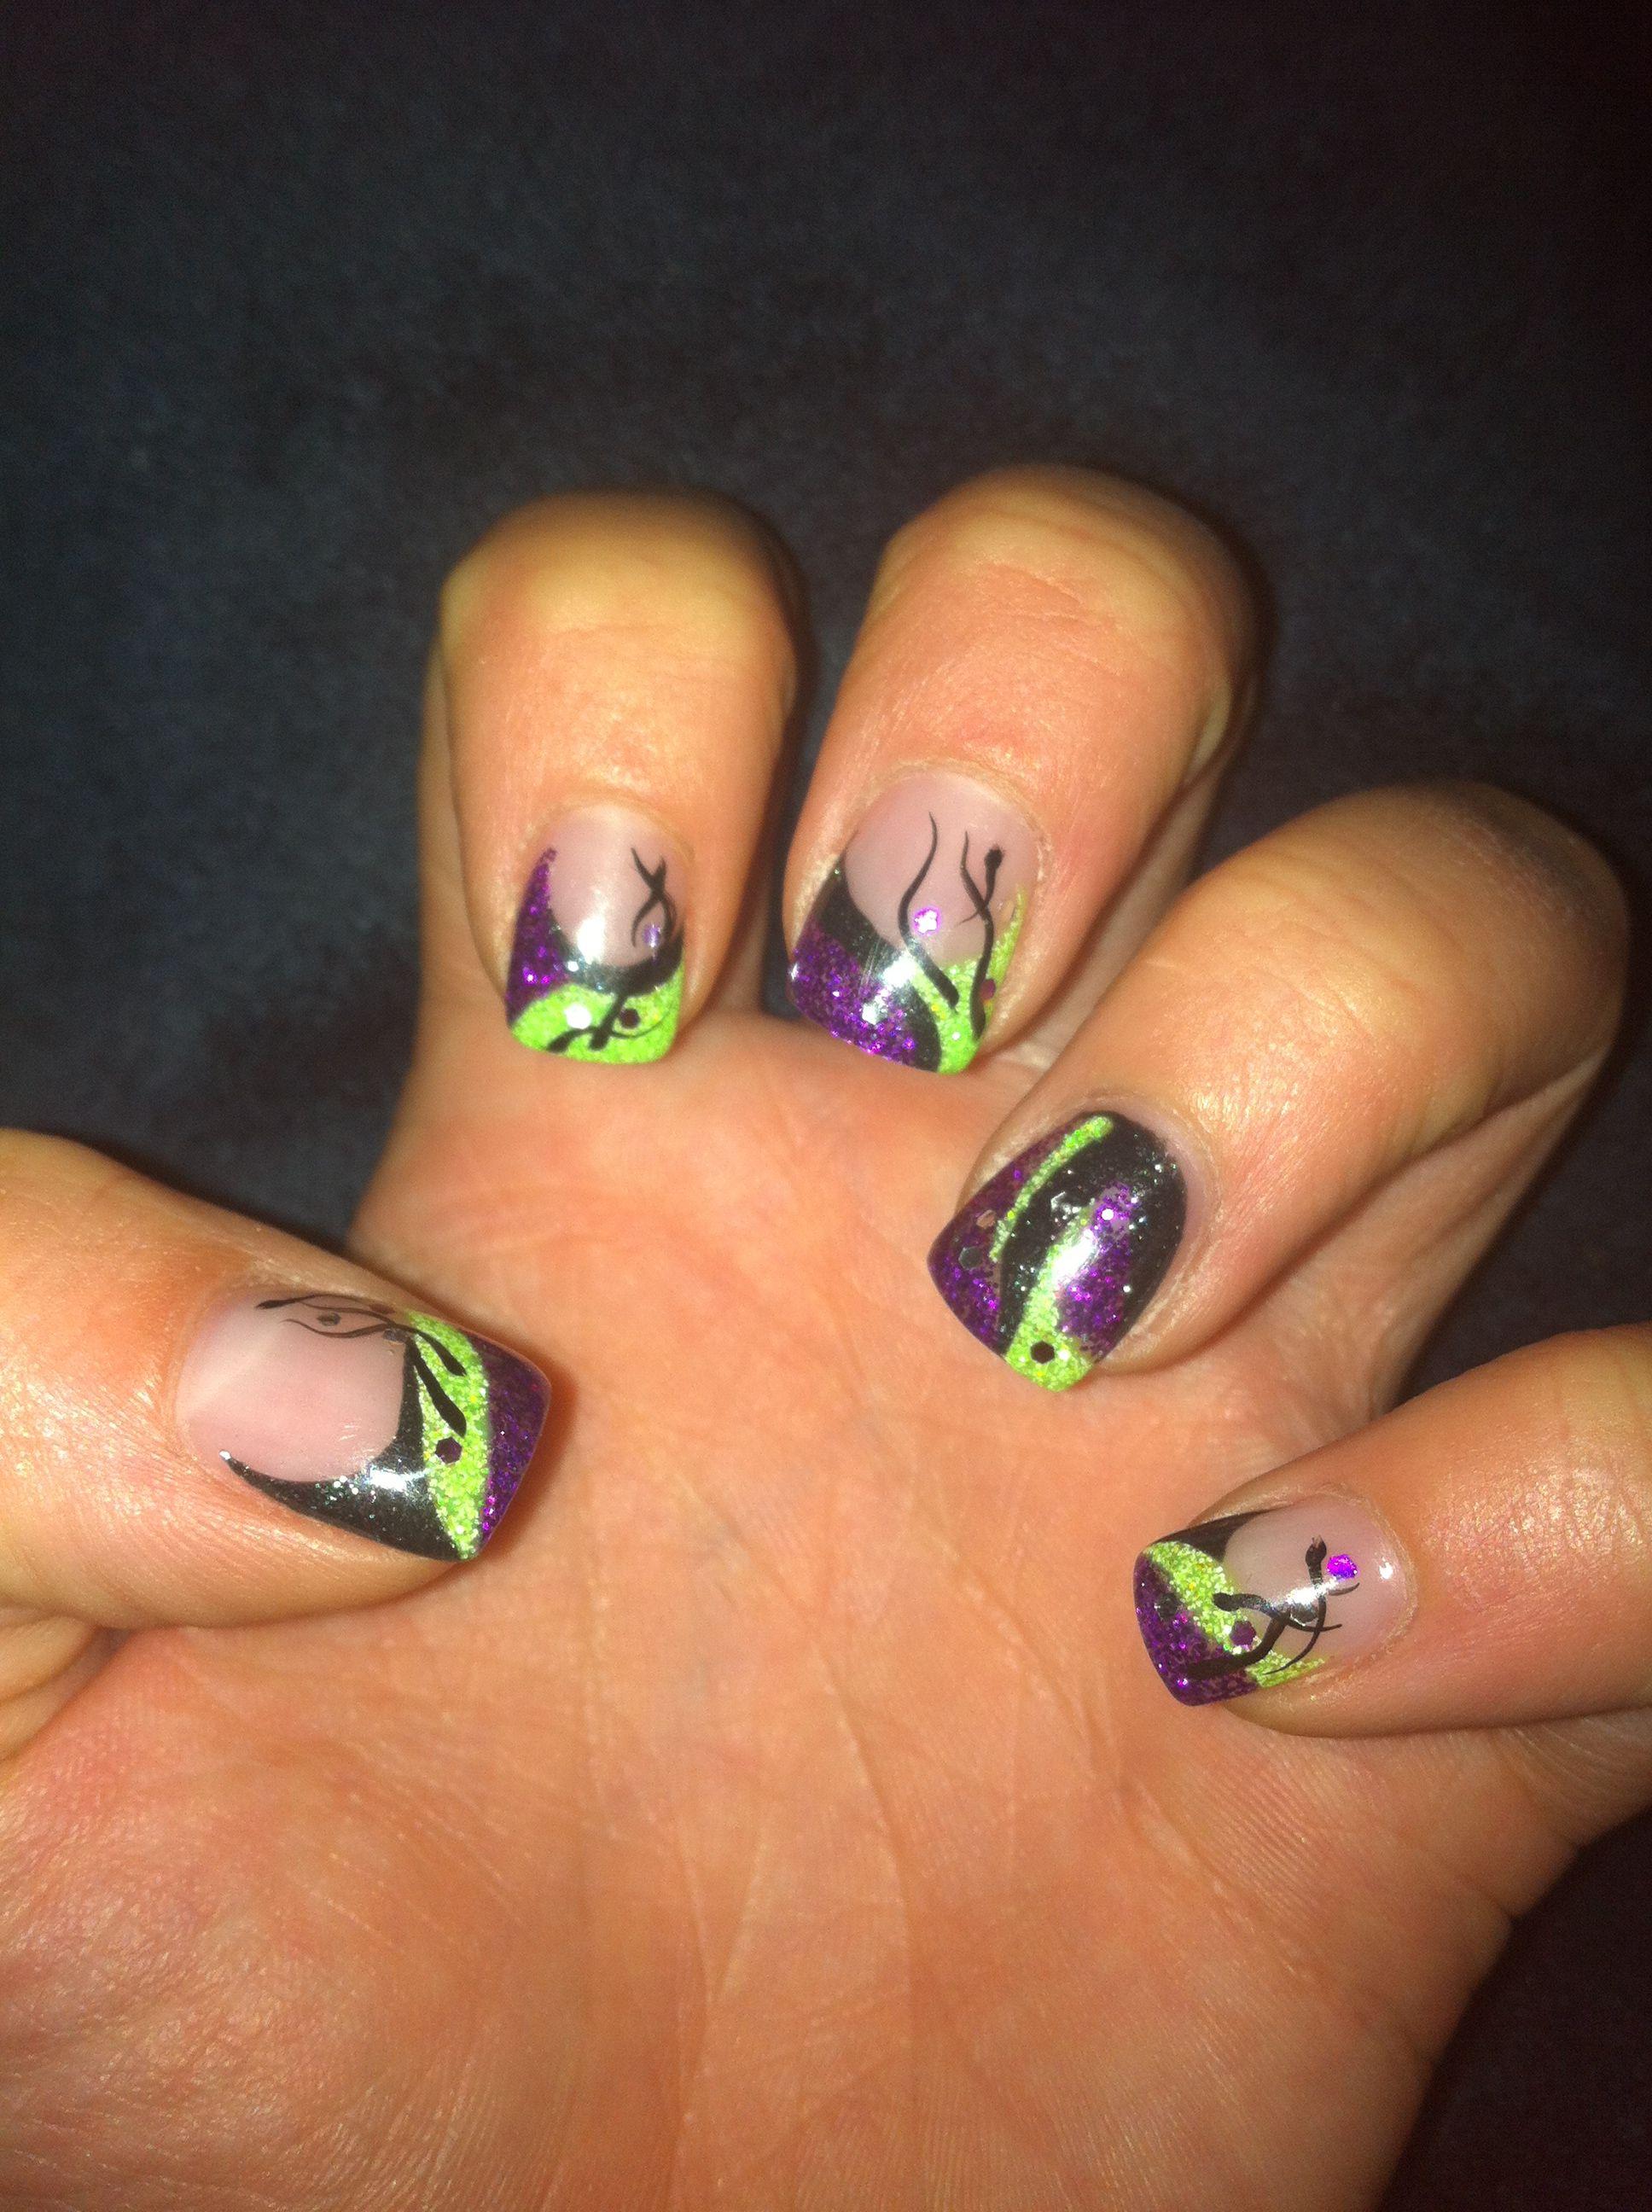 Fun nails | Fun nails, Nails, Nail art